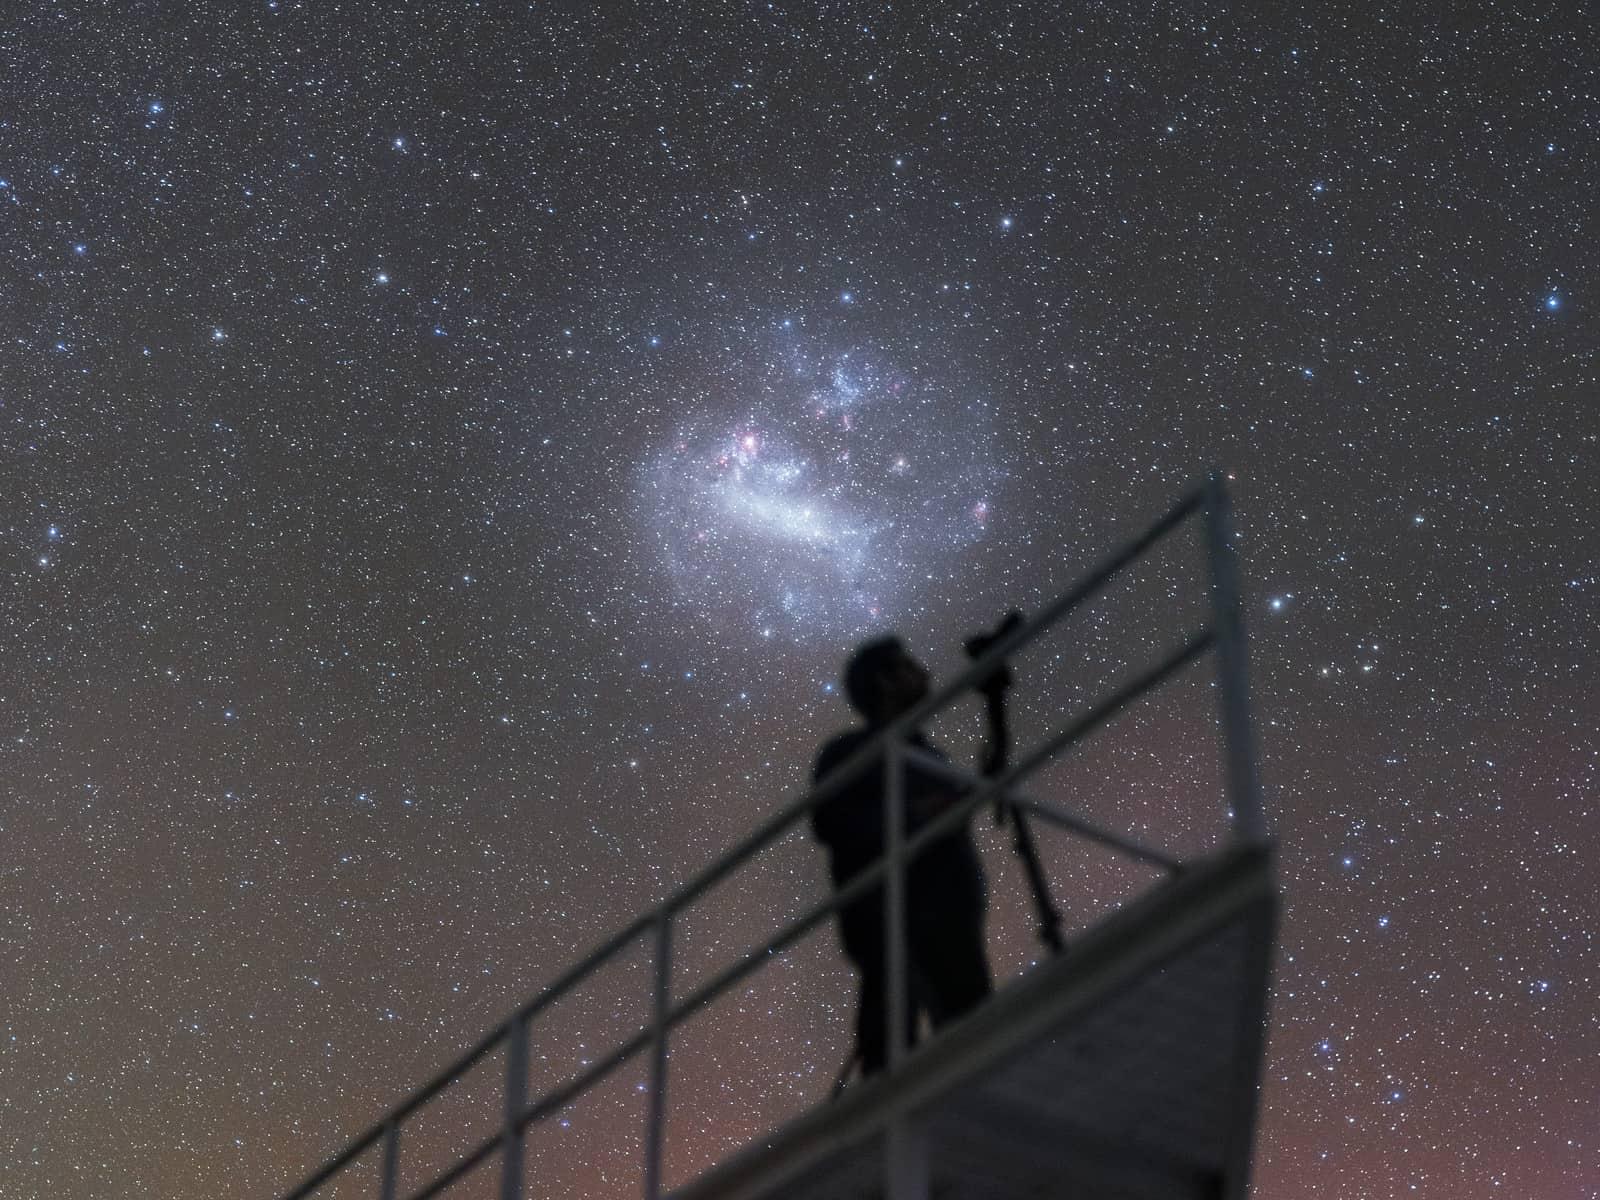 El horóscopo y la astronomía